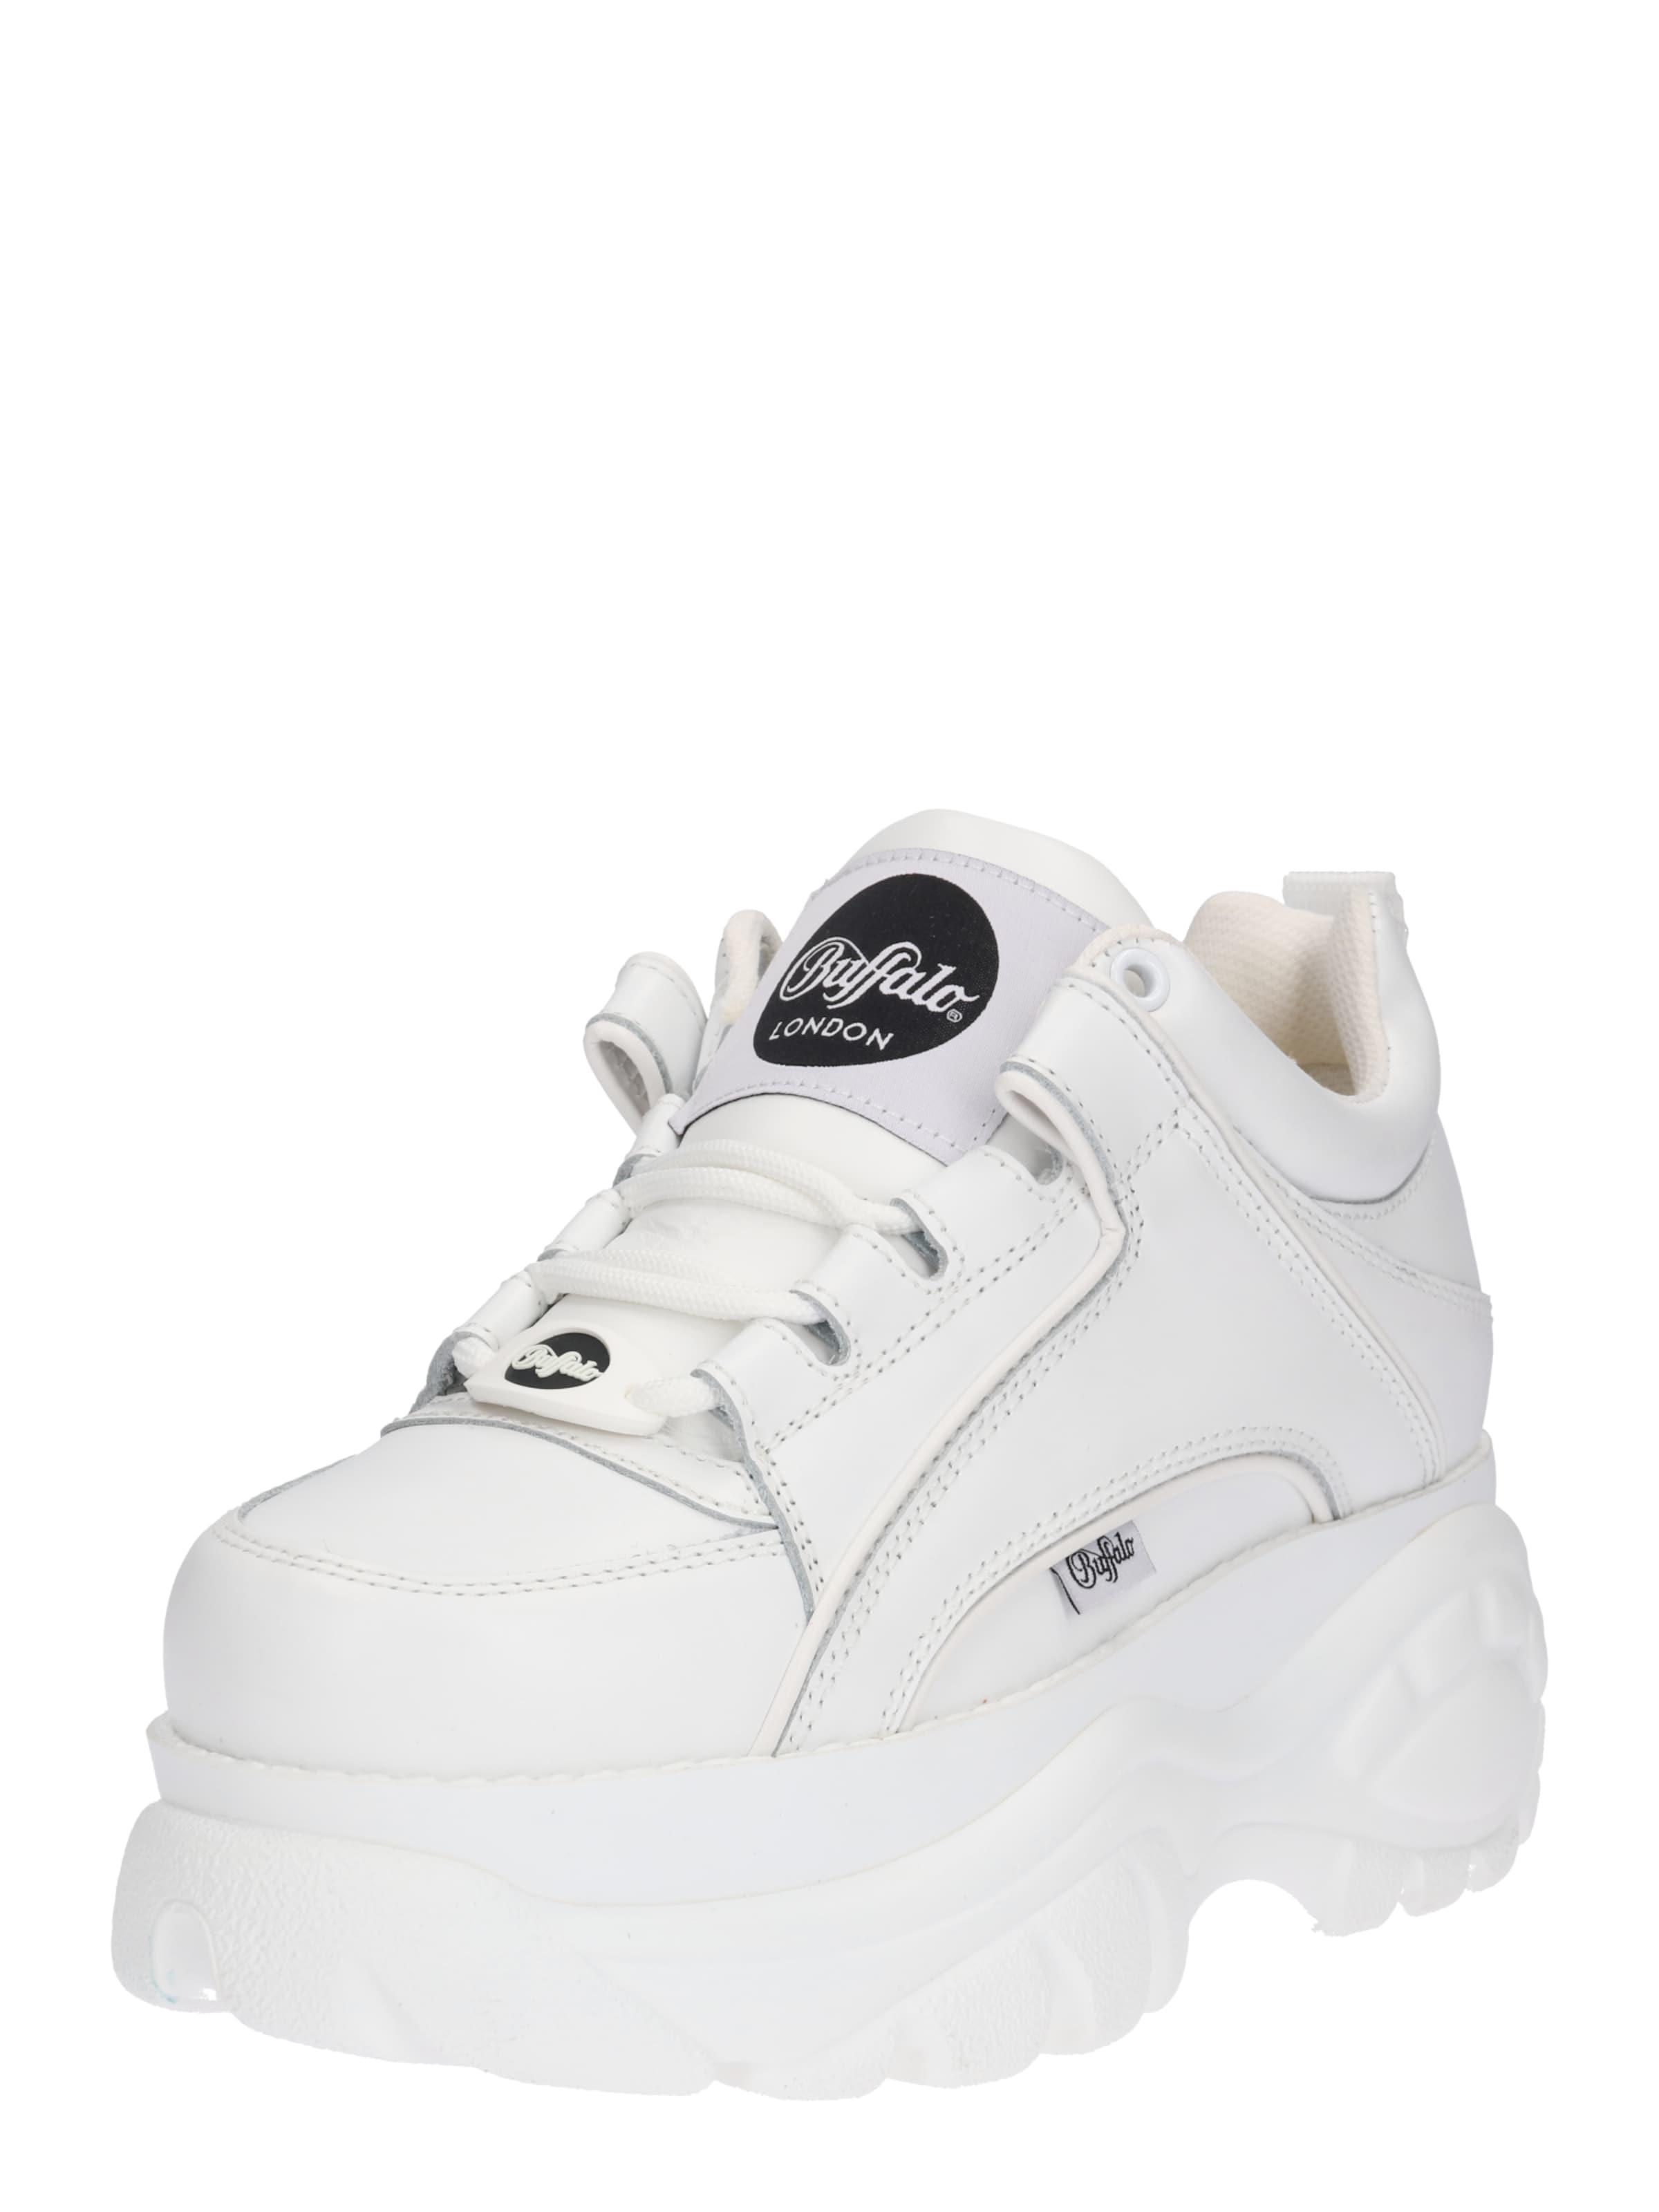 Plateau Weiß In London Sneaker Buffalo Mit JTcFlK13